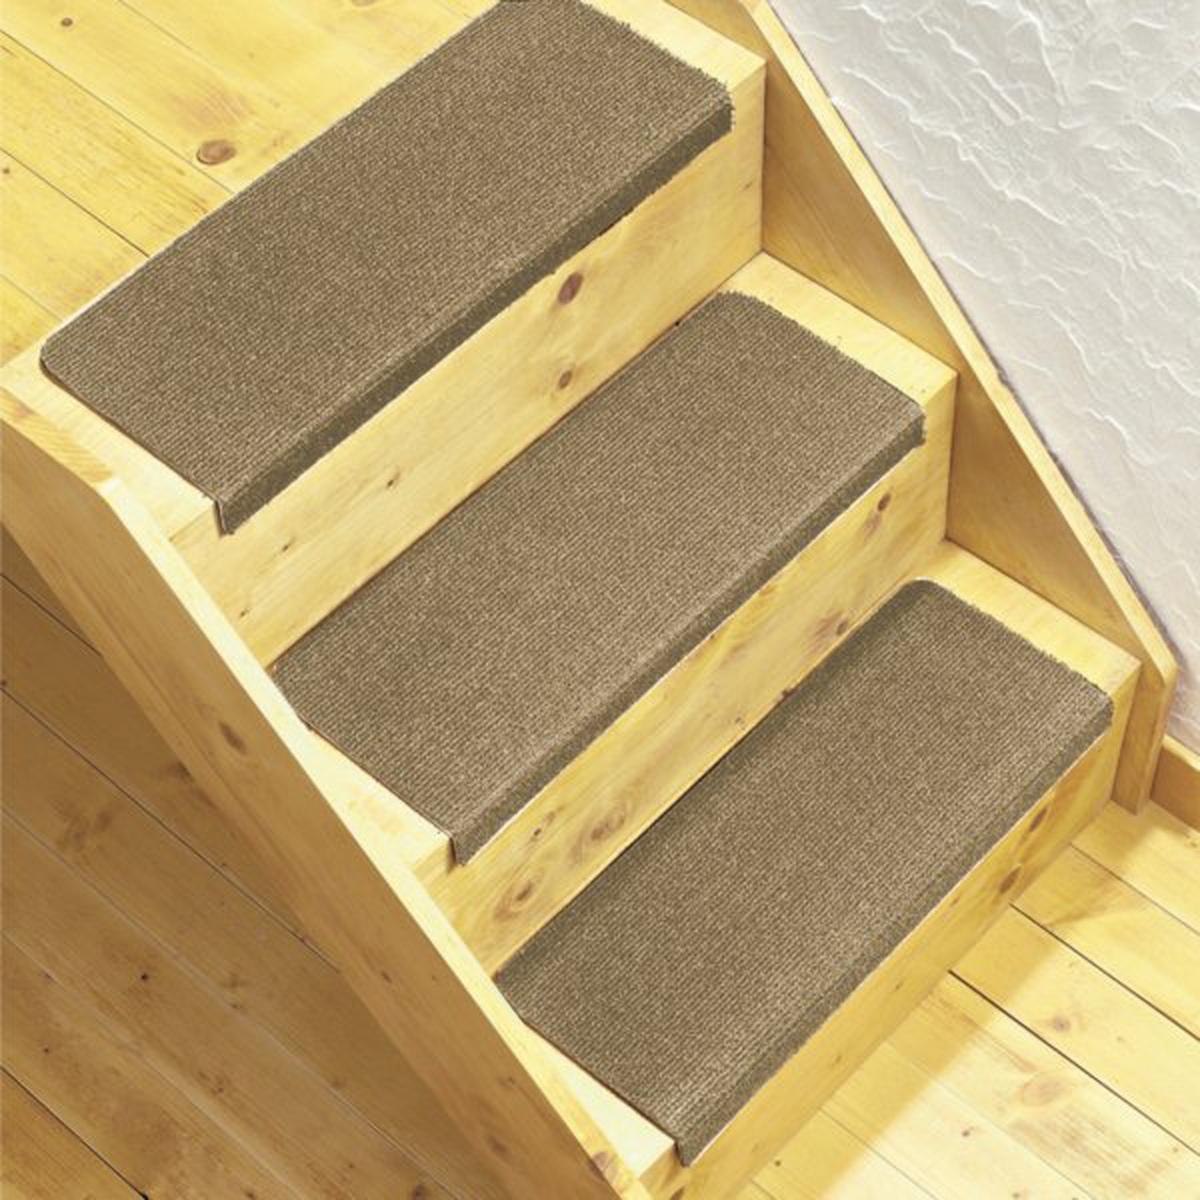 Комплект из 3 ковриков для лестницХарактеристика коврика для лестниц :100% полипропилен.Машинная стирка при 30 °С. Описание коврика для лестниц:Обработка против пятен.Противоскользящее покрытие на латексной основе снизу.Заранее сформированные ступени для быстрой укладки и отличного внешнего вида. Размеры :Ширина. 26 x Длина. 59 см.Качество VALEUR S?RE за износостойкость.<br><br>Цвет: бежевый экрю,светлый каштан